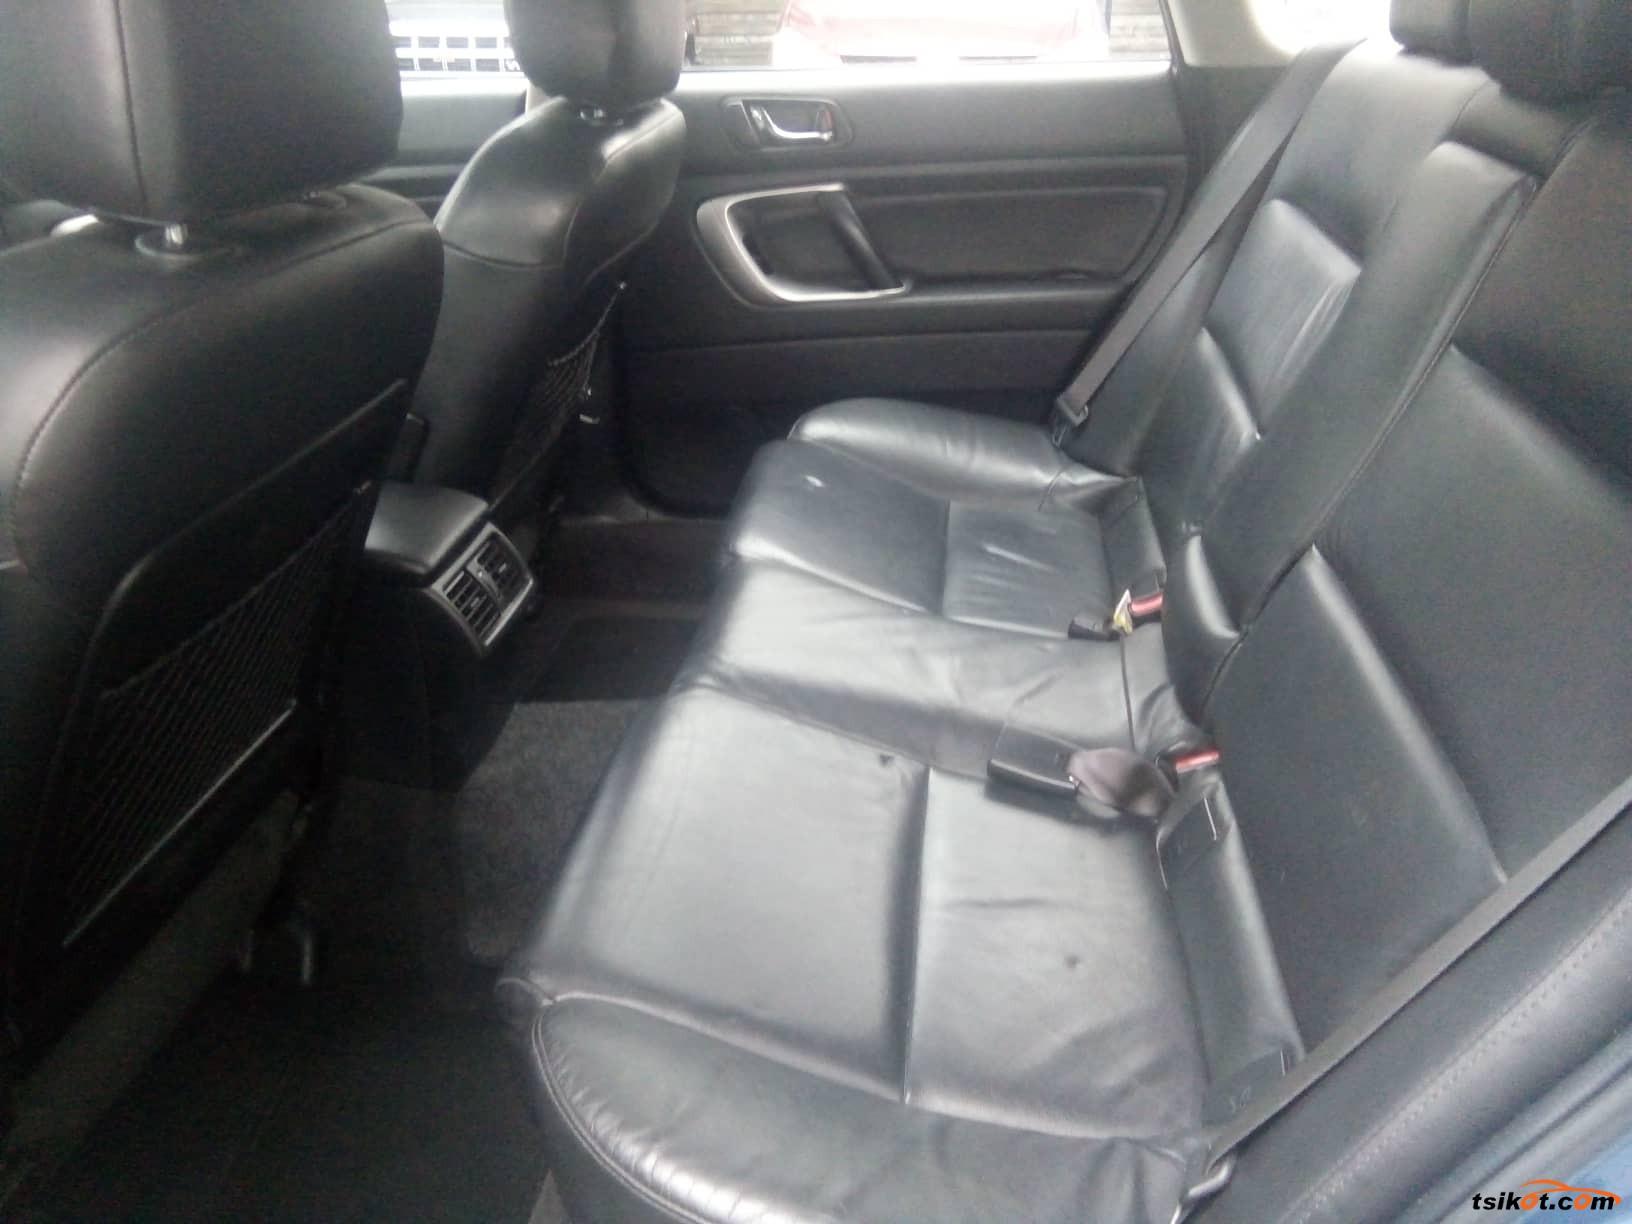 Subaru Outback 2007 - 2